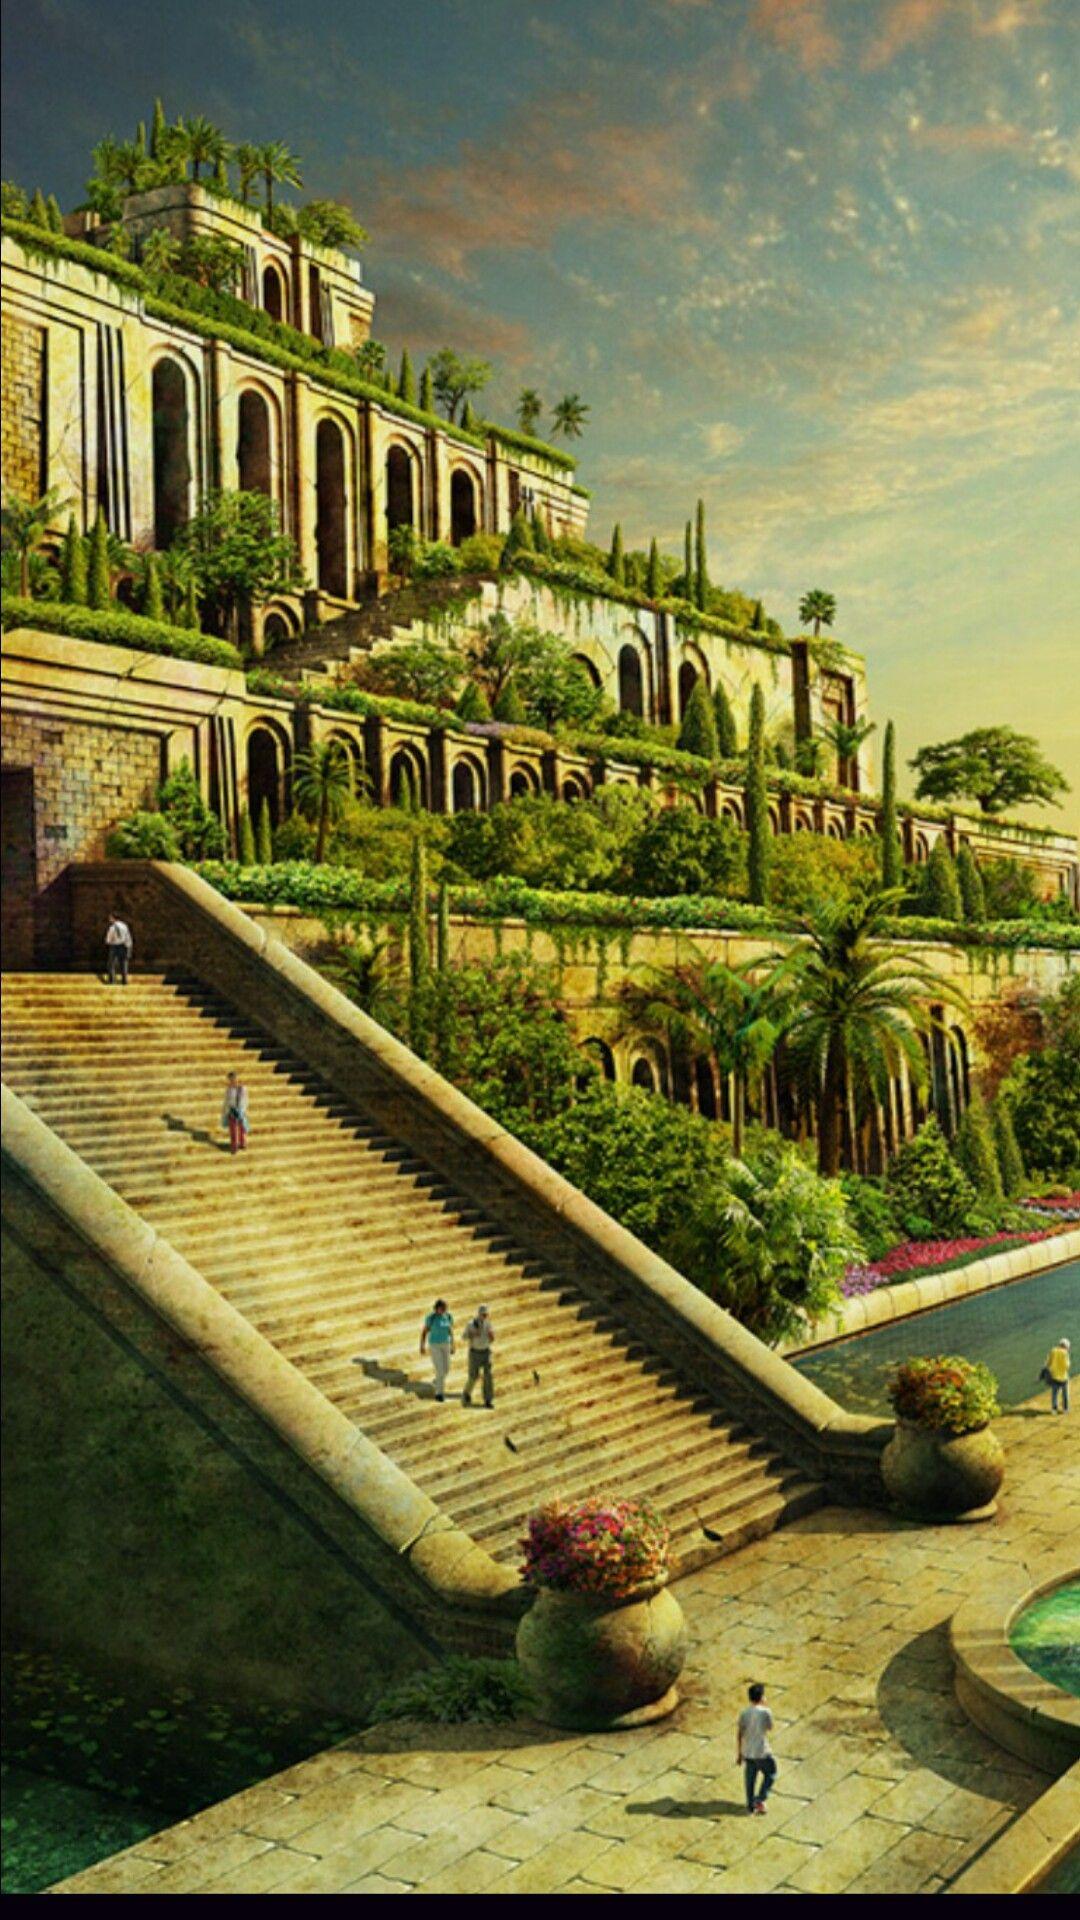 Hanging Gardens Of Babylon Fantasy Landscape Gardens Of Babylon Fantasy City